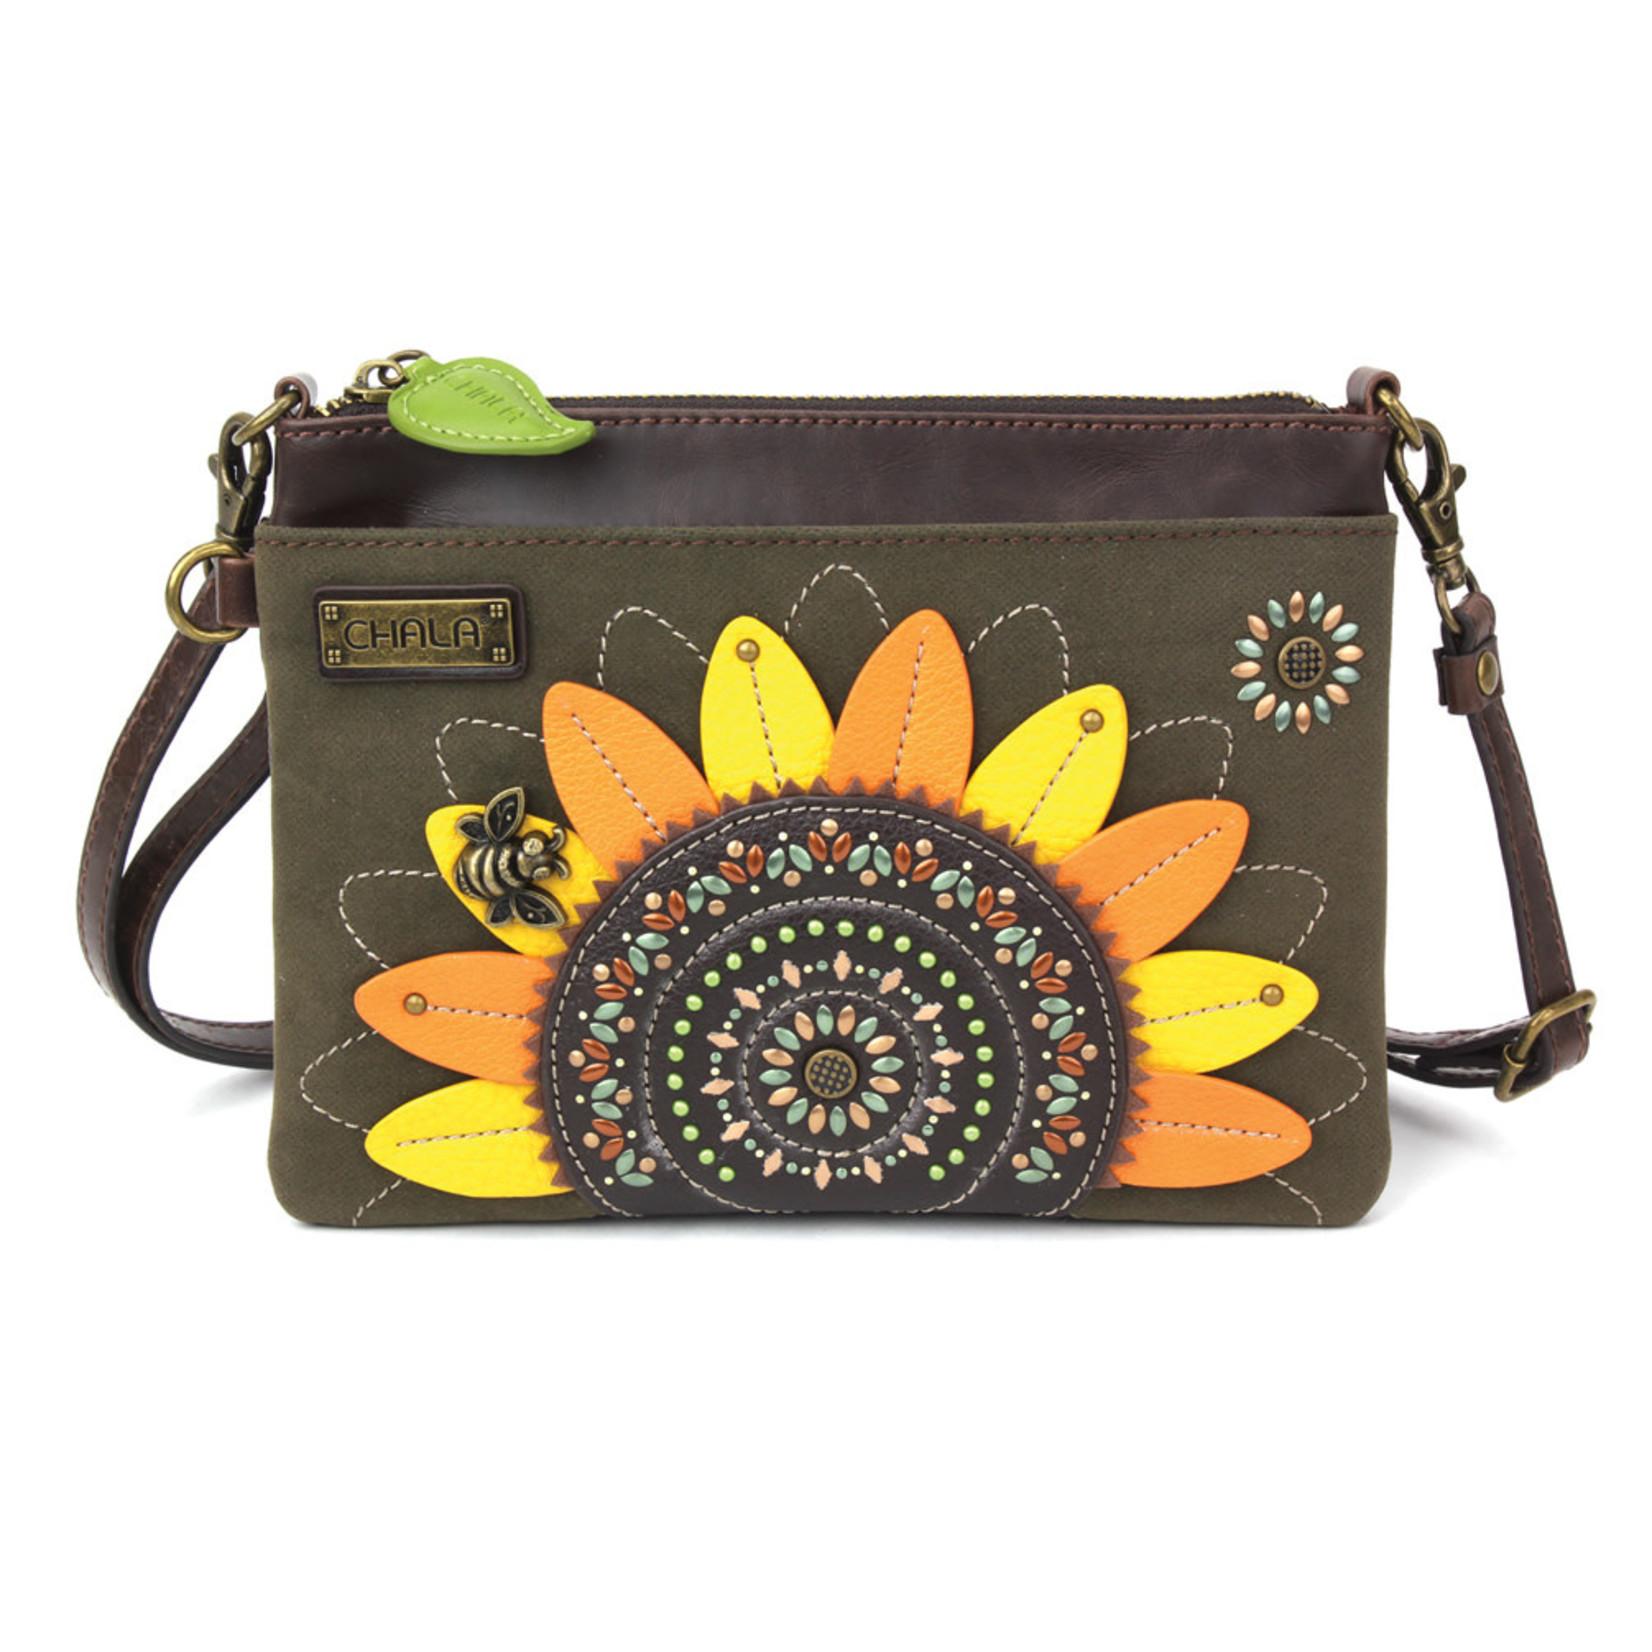 Chala Dazzled Mini Crossbody - Sunflower